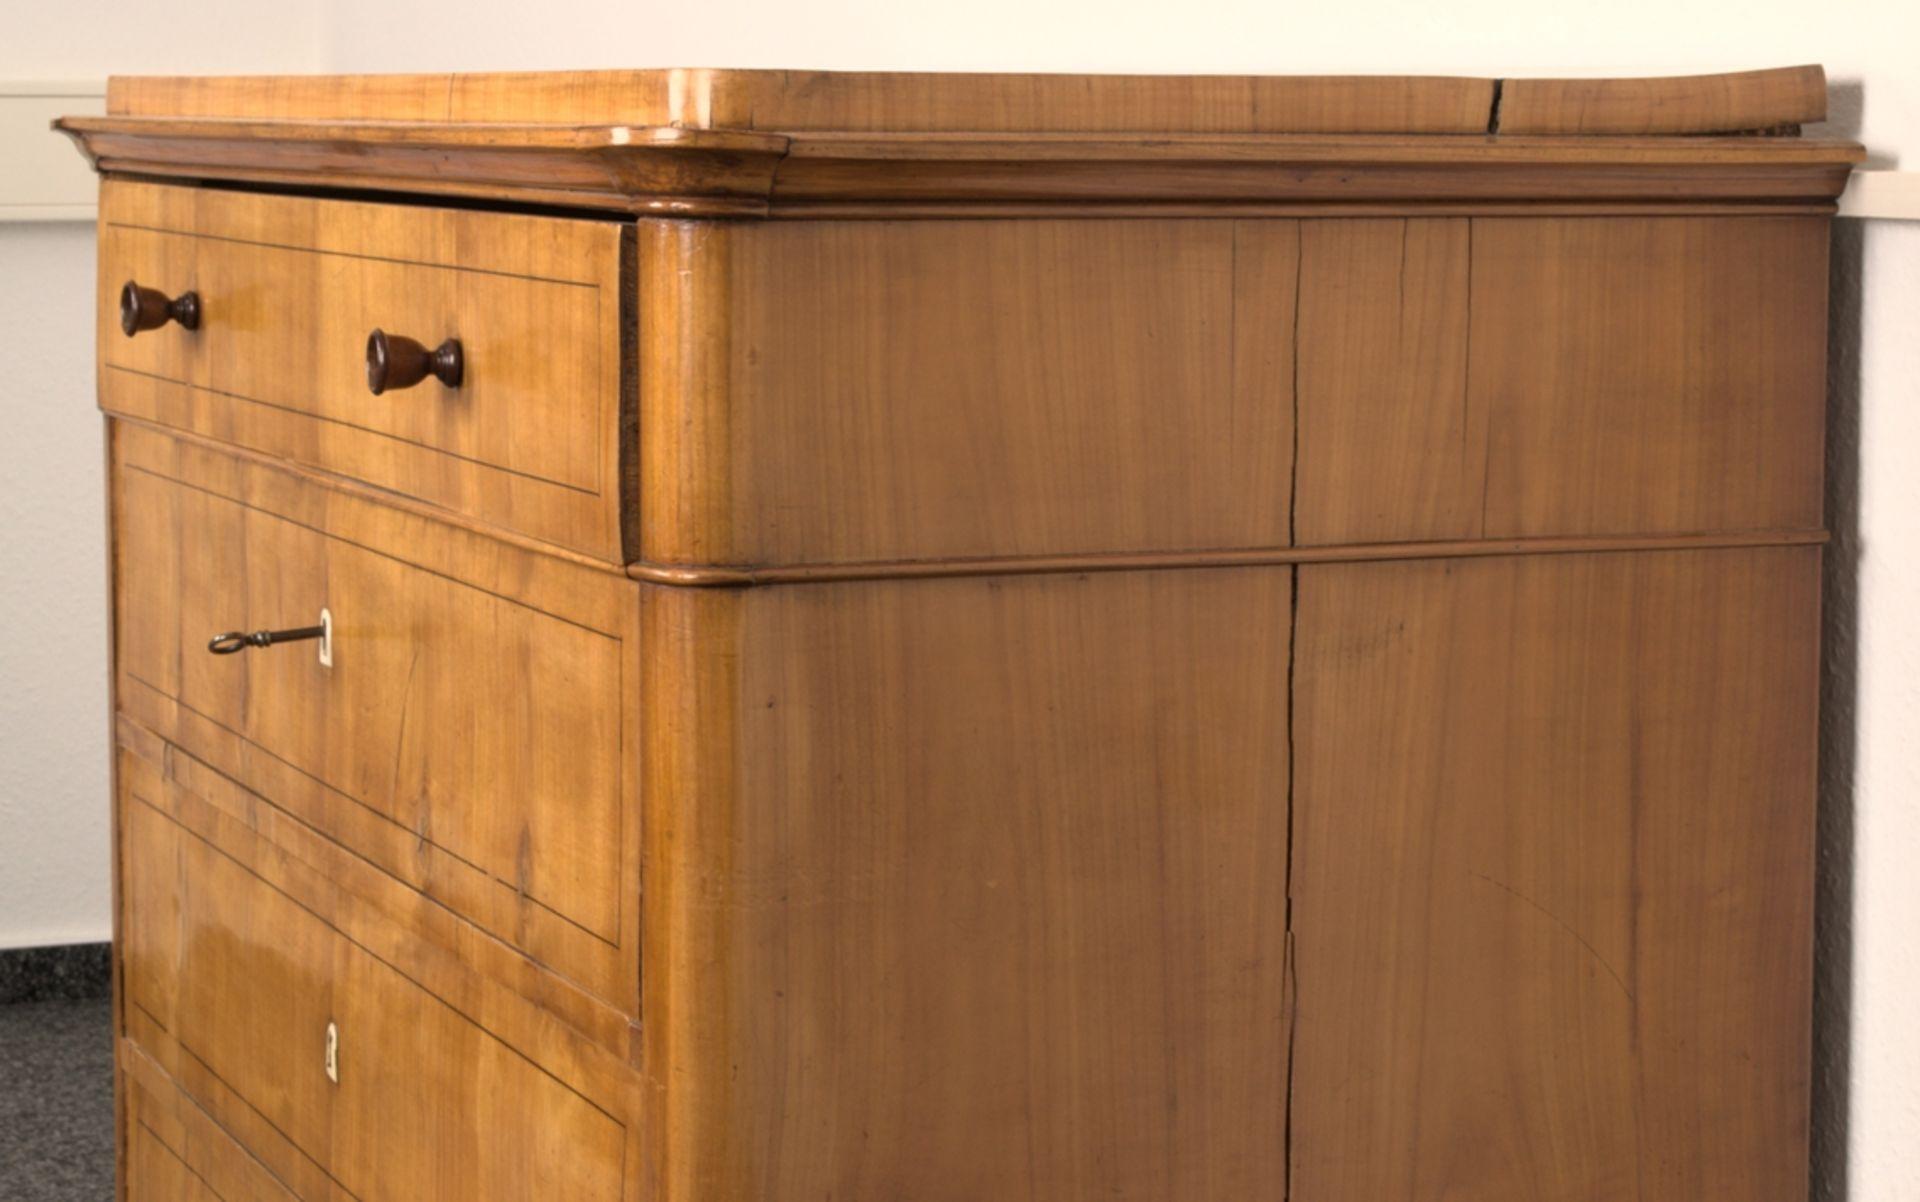 Wäschekommode. Biedermeier um 1835. Kirschbaum massiv & furniert, die 4 Schubladen-Fronten mit - Bild 5 aus 18